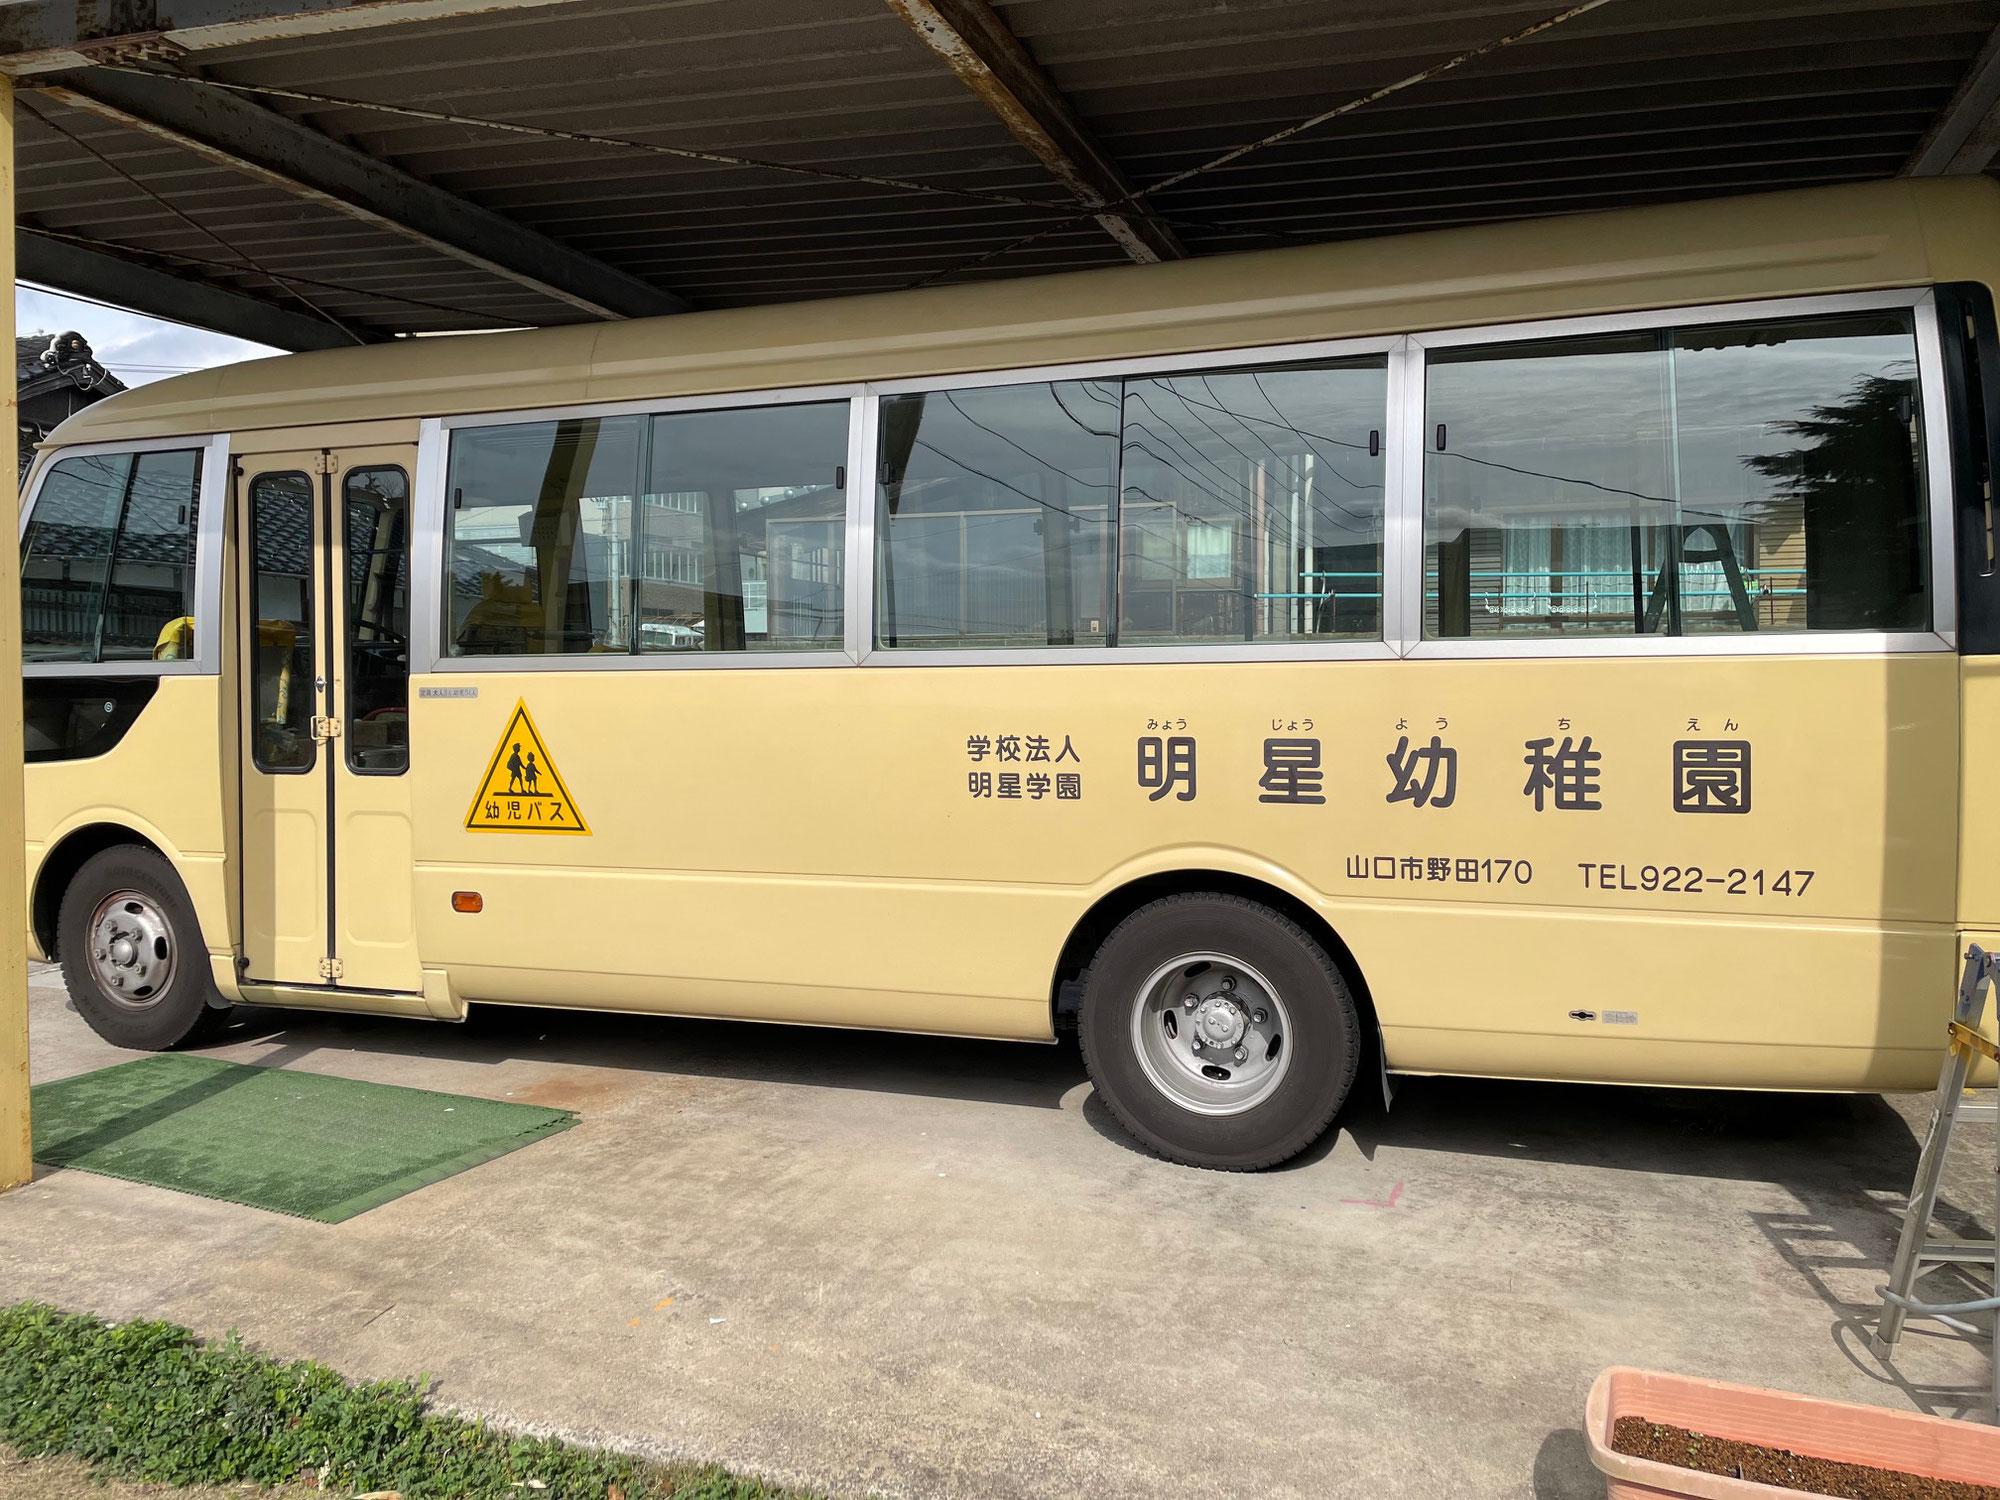 福岡の園バス事故を受け